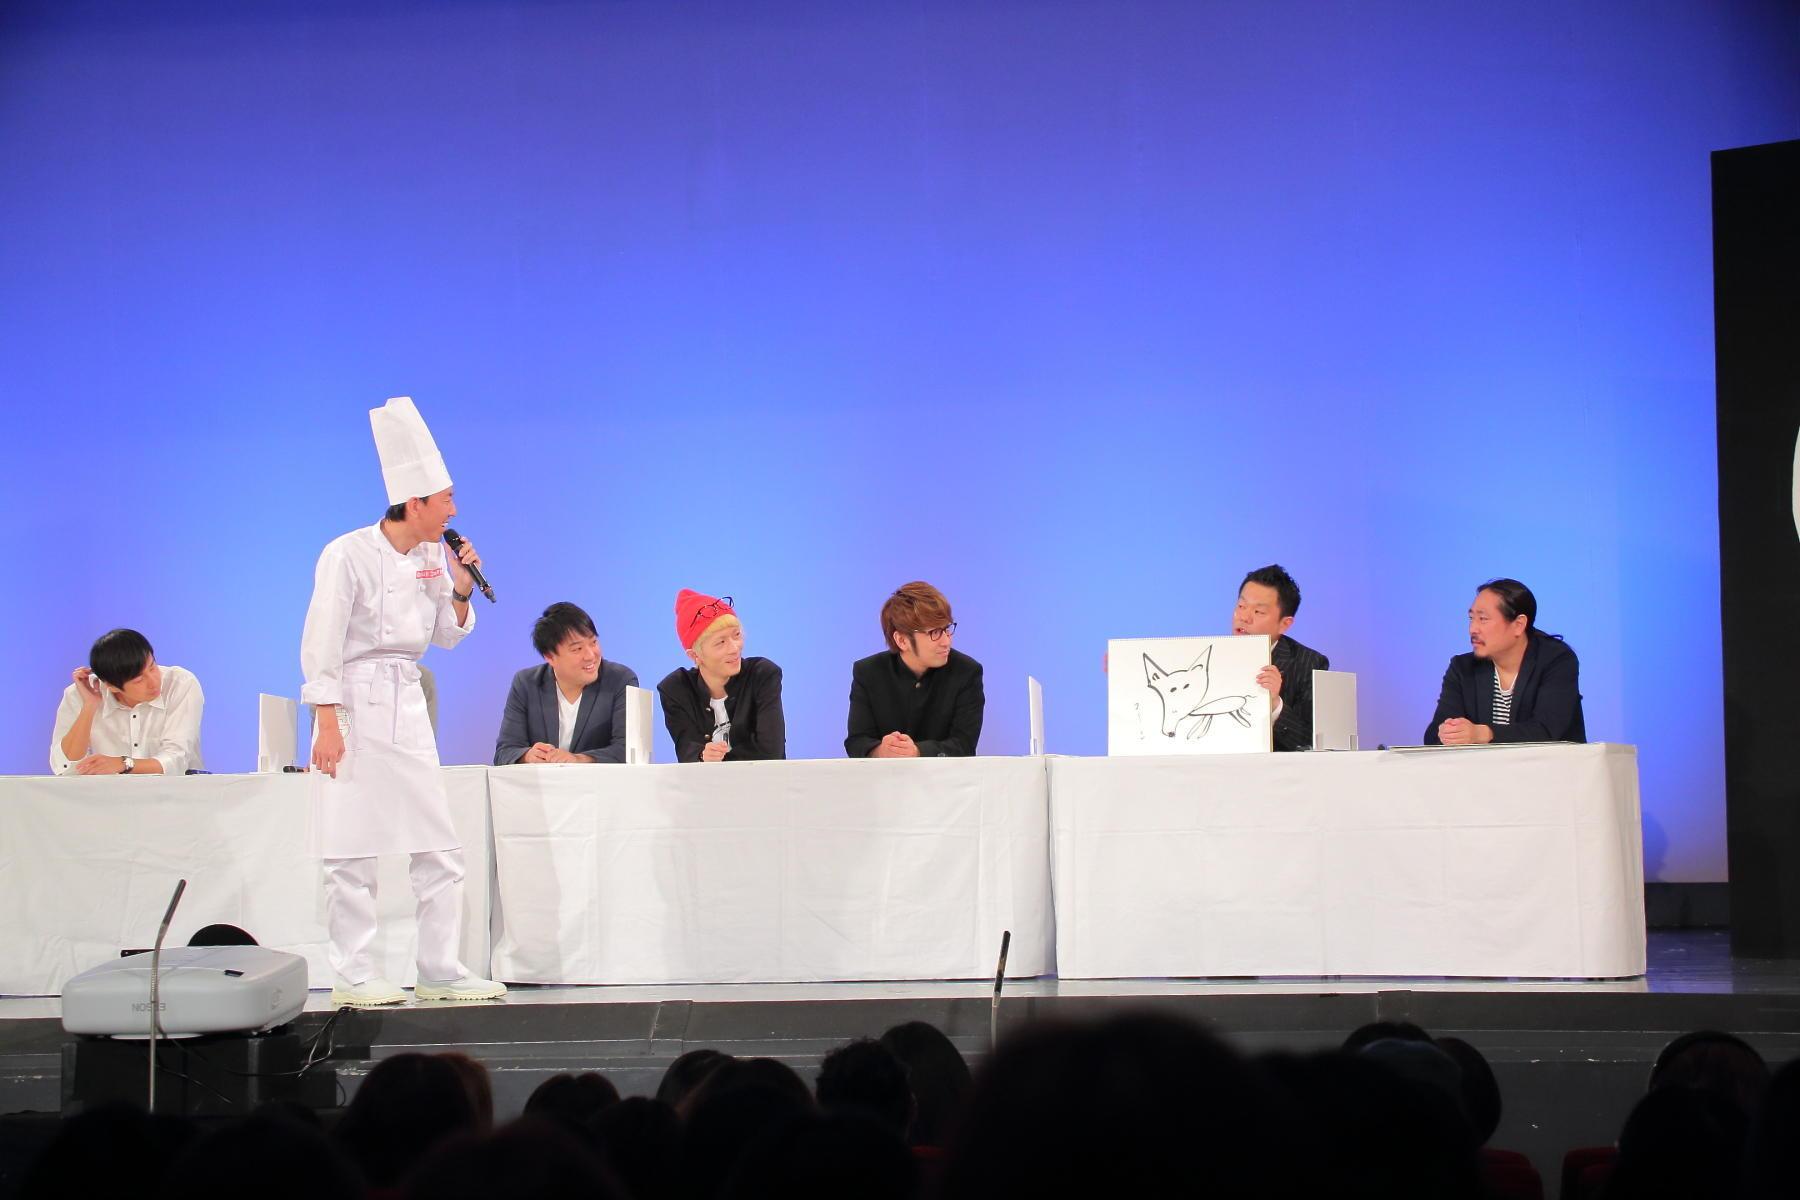 http://news.yoshimoto.co.jp/20170316063420-02f3b7a098c9c47b83be8854ec15985d1f0b00a3.jpg